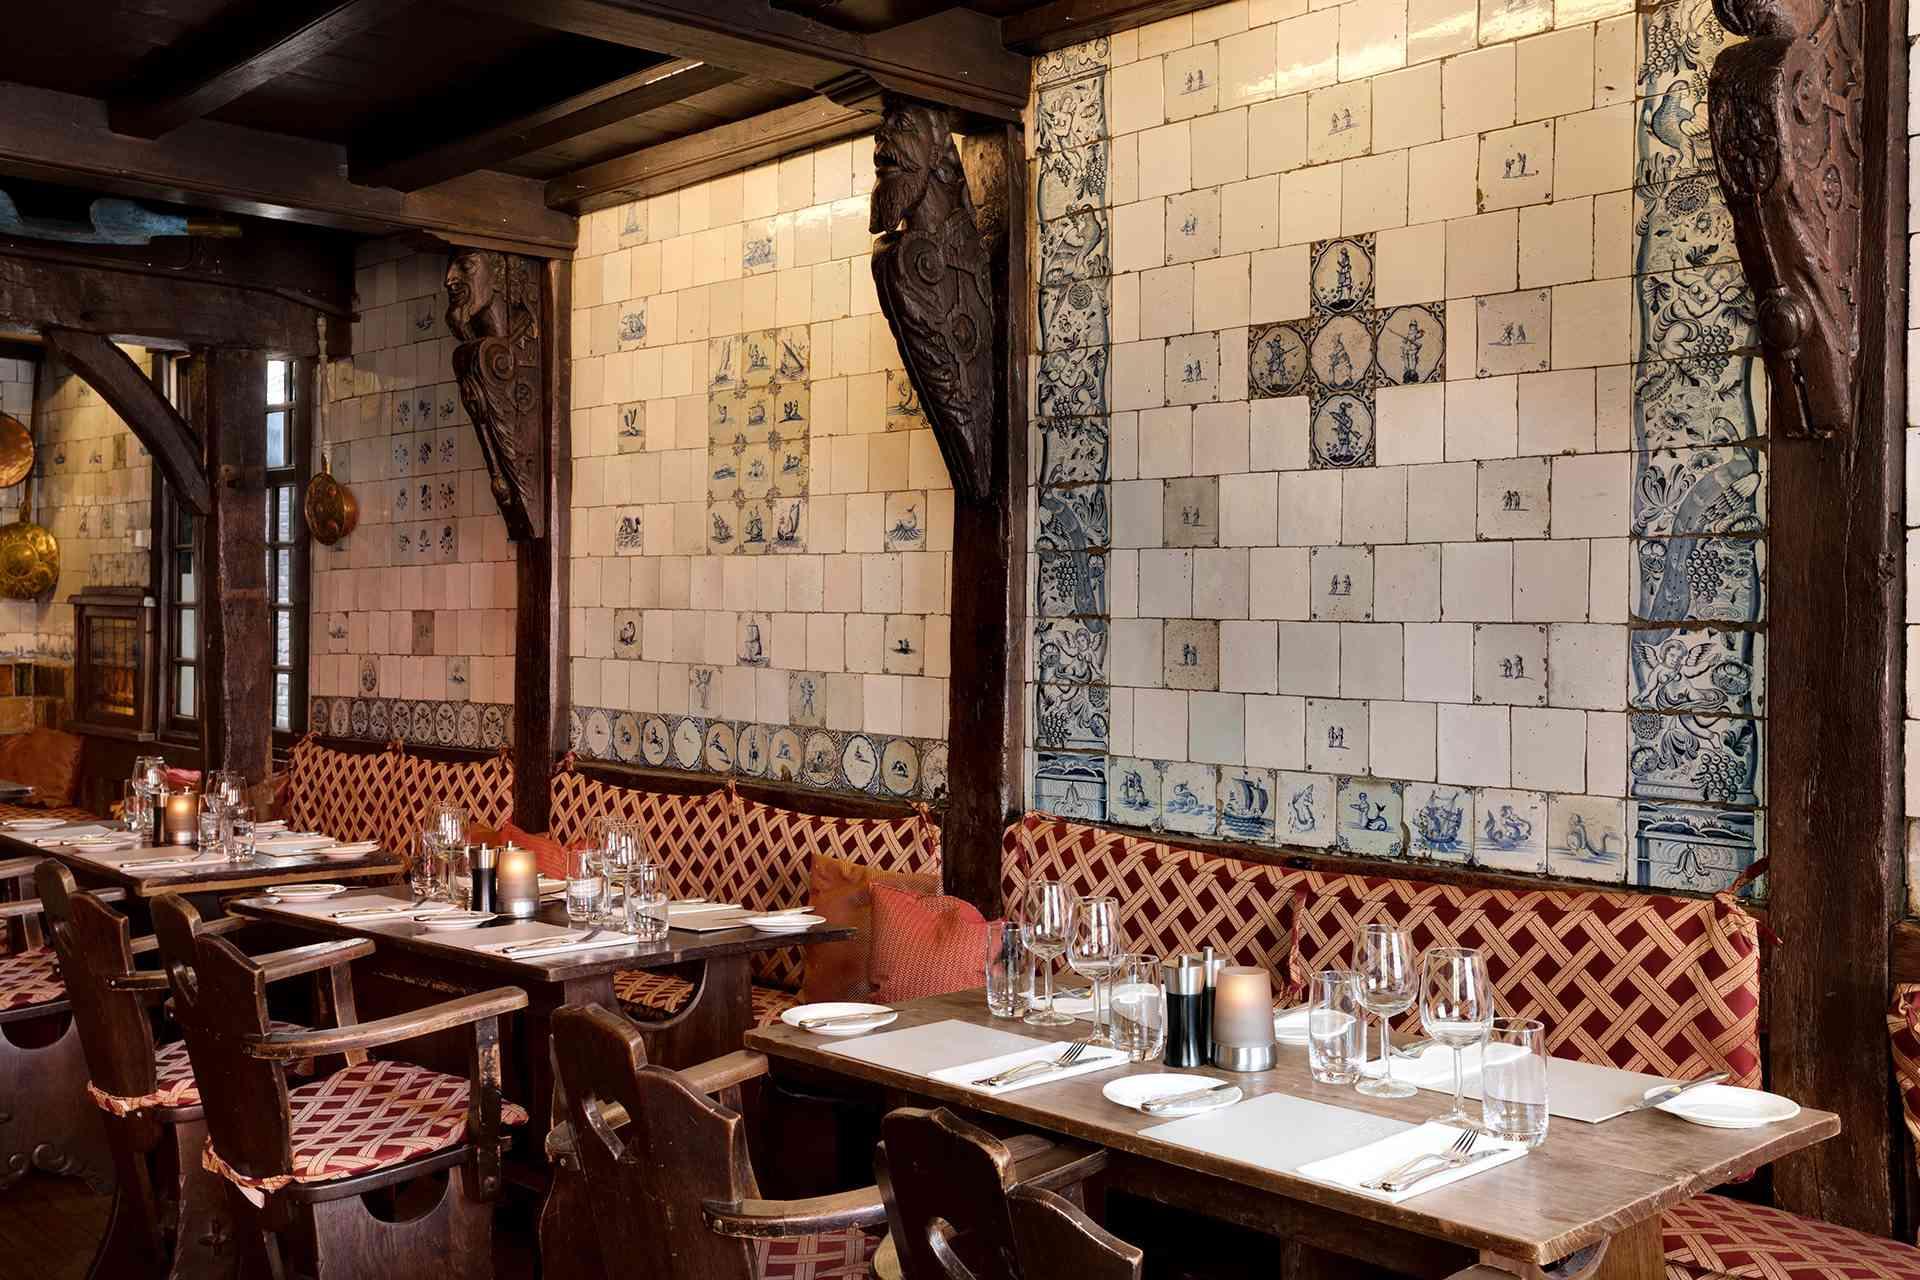 https://www.vijffvlieghen.nl/assets/dist/img/about/restaurant-bg.jpg